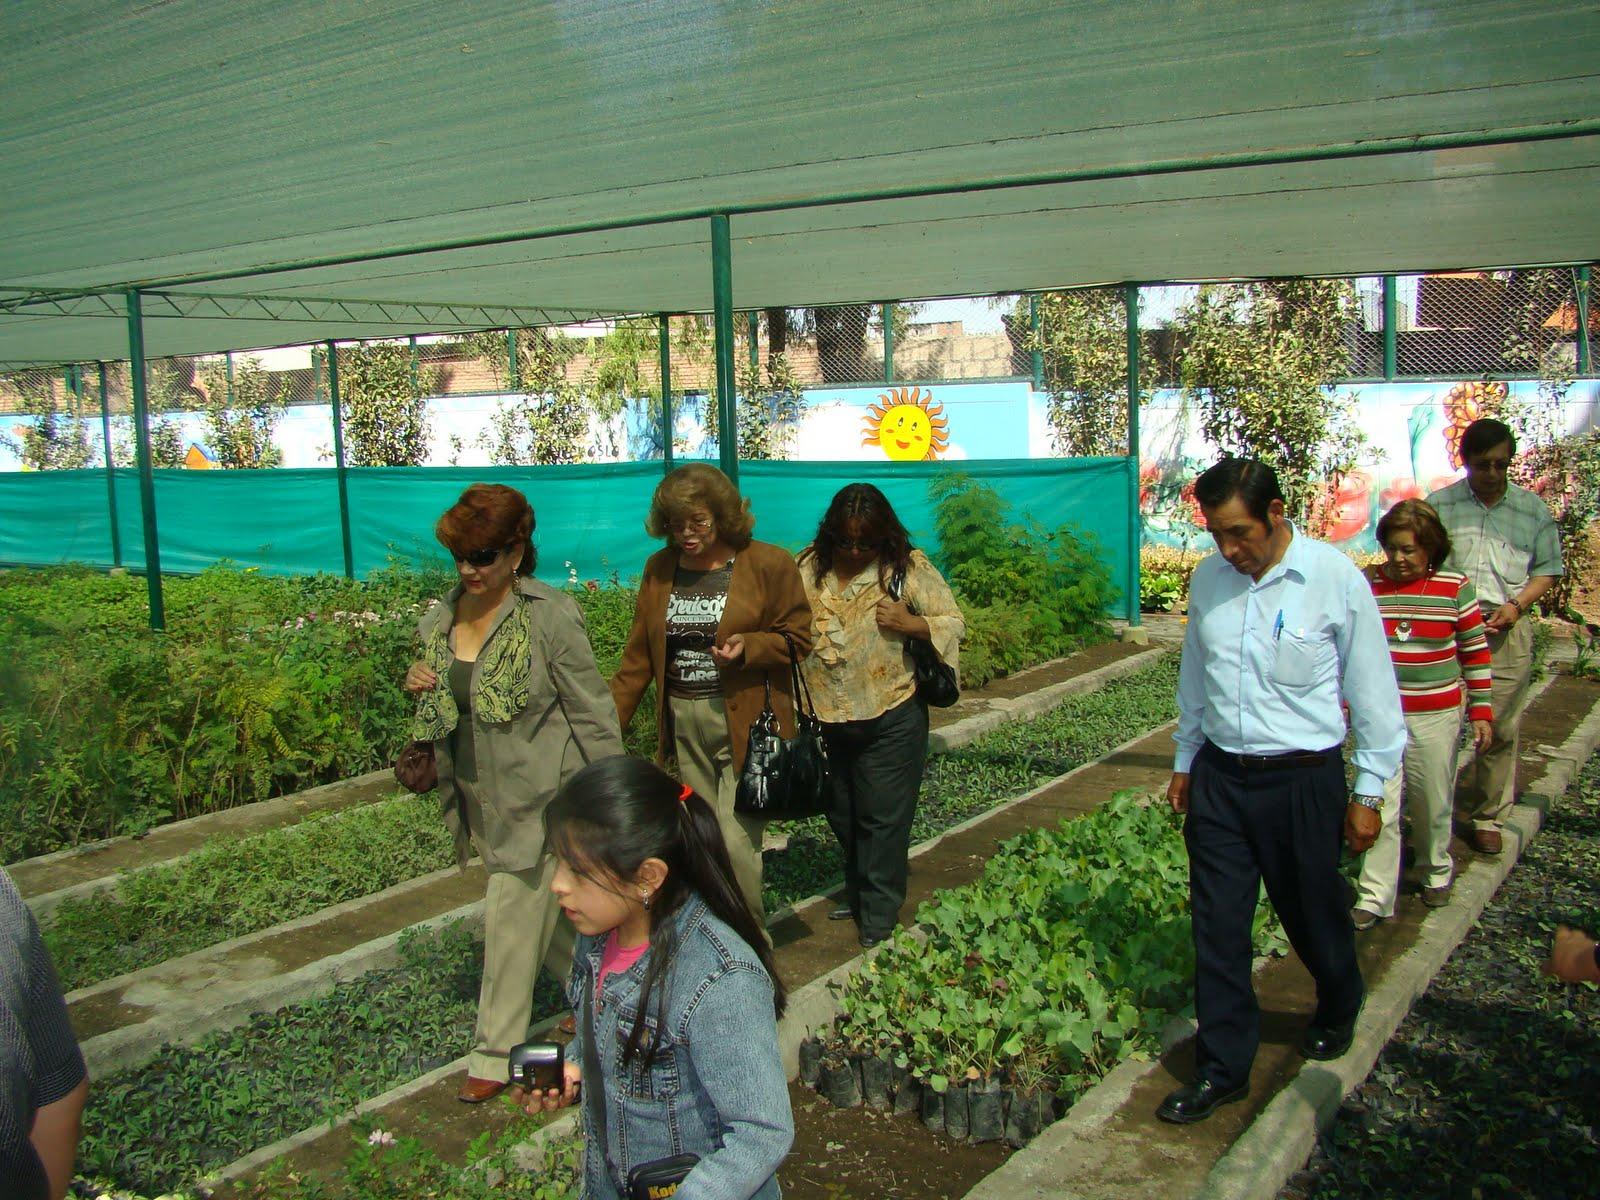 Muni arequipa inauguraron vivero municipal en arequipa for Vivero municipal